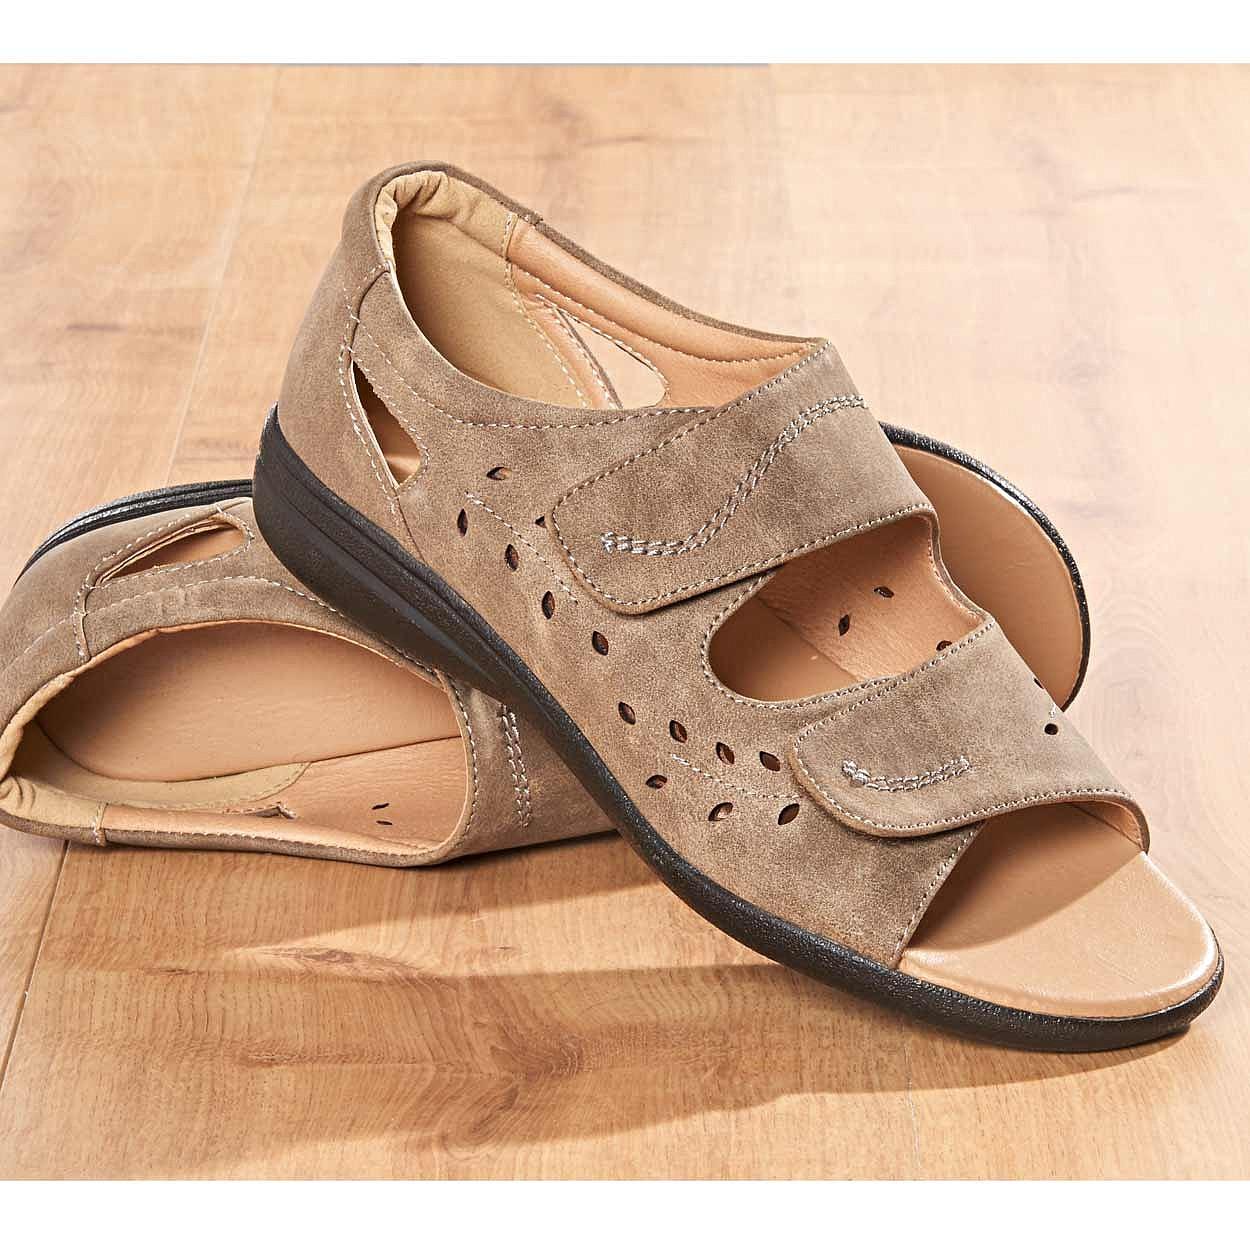 Lightweight Comfort Summer Sandals